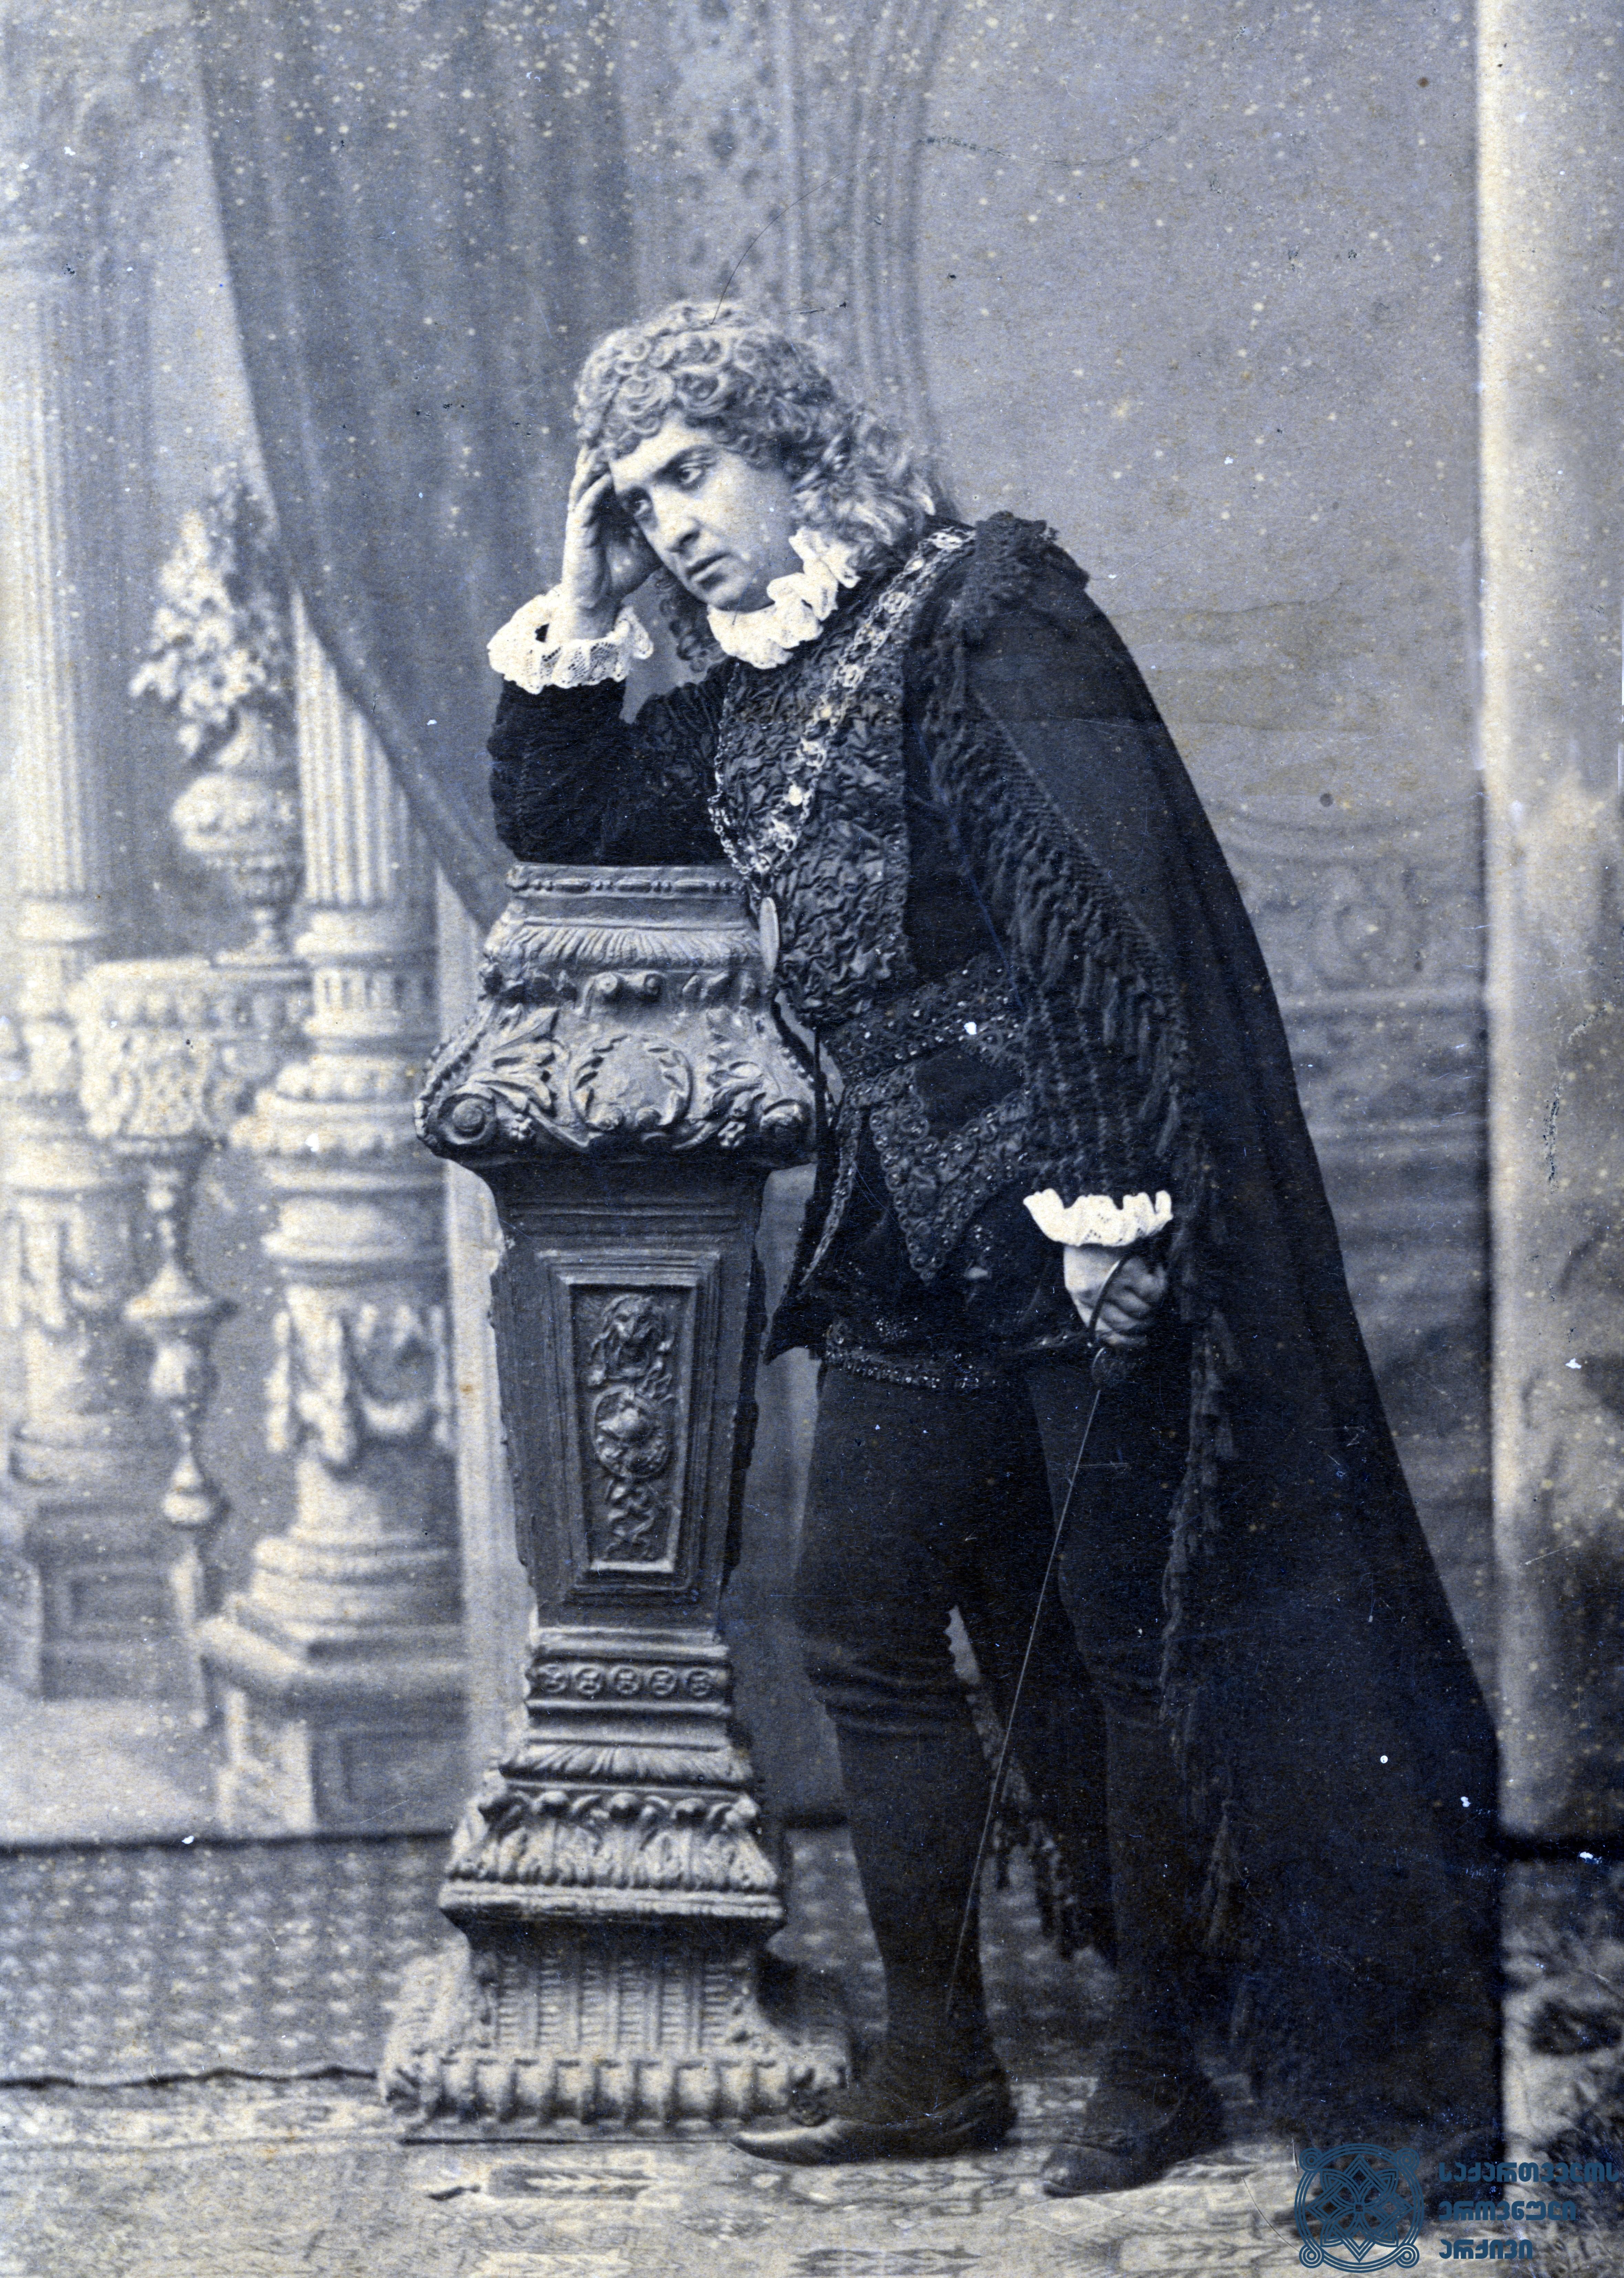 """სპექტაკლი """"ჰამლეტი"""". მსახიობი ლადო მესხიშვილი როლში.  <br> ალექსანდრე როინაშვილის ფოტო, 1890-1896 წლები. <br> The performance """"Hamlet"""". Actor Lado Meskhishvili in the role. <br> Photo by Alexandre Roinashvili, 1890-1896."""